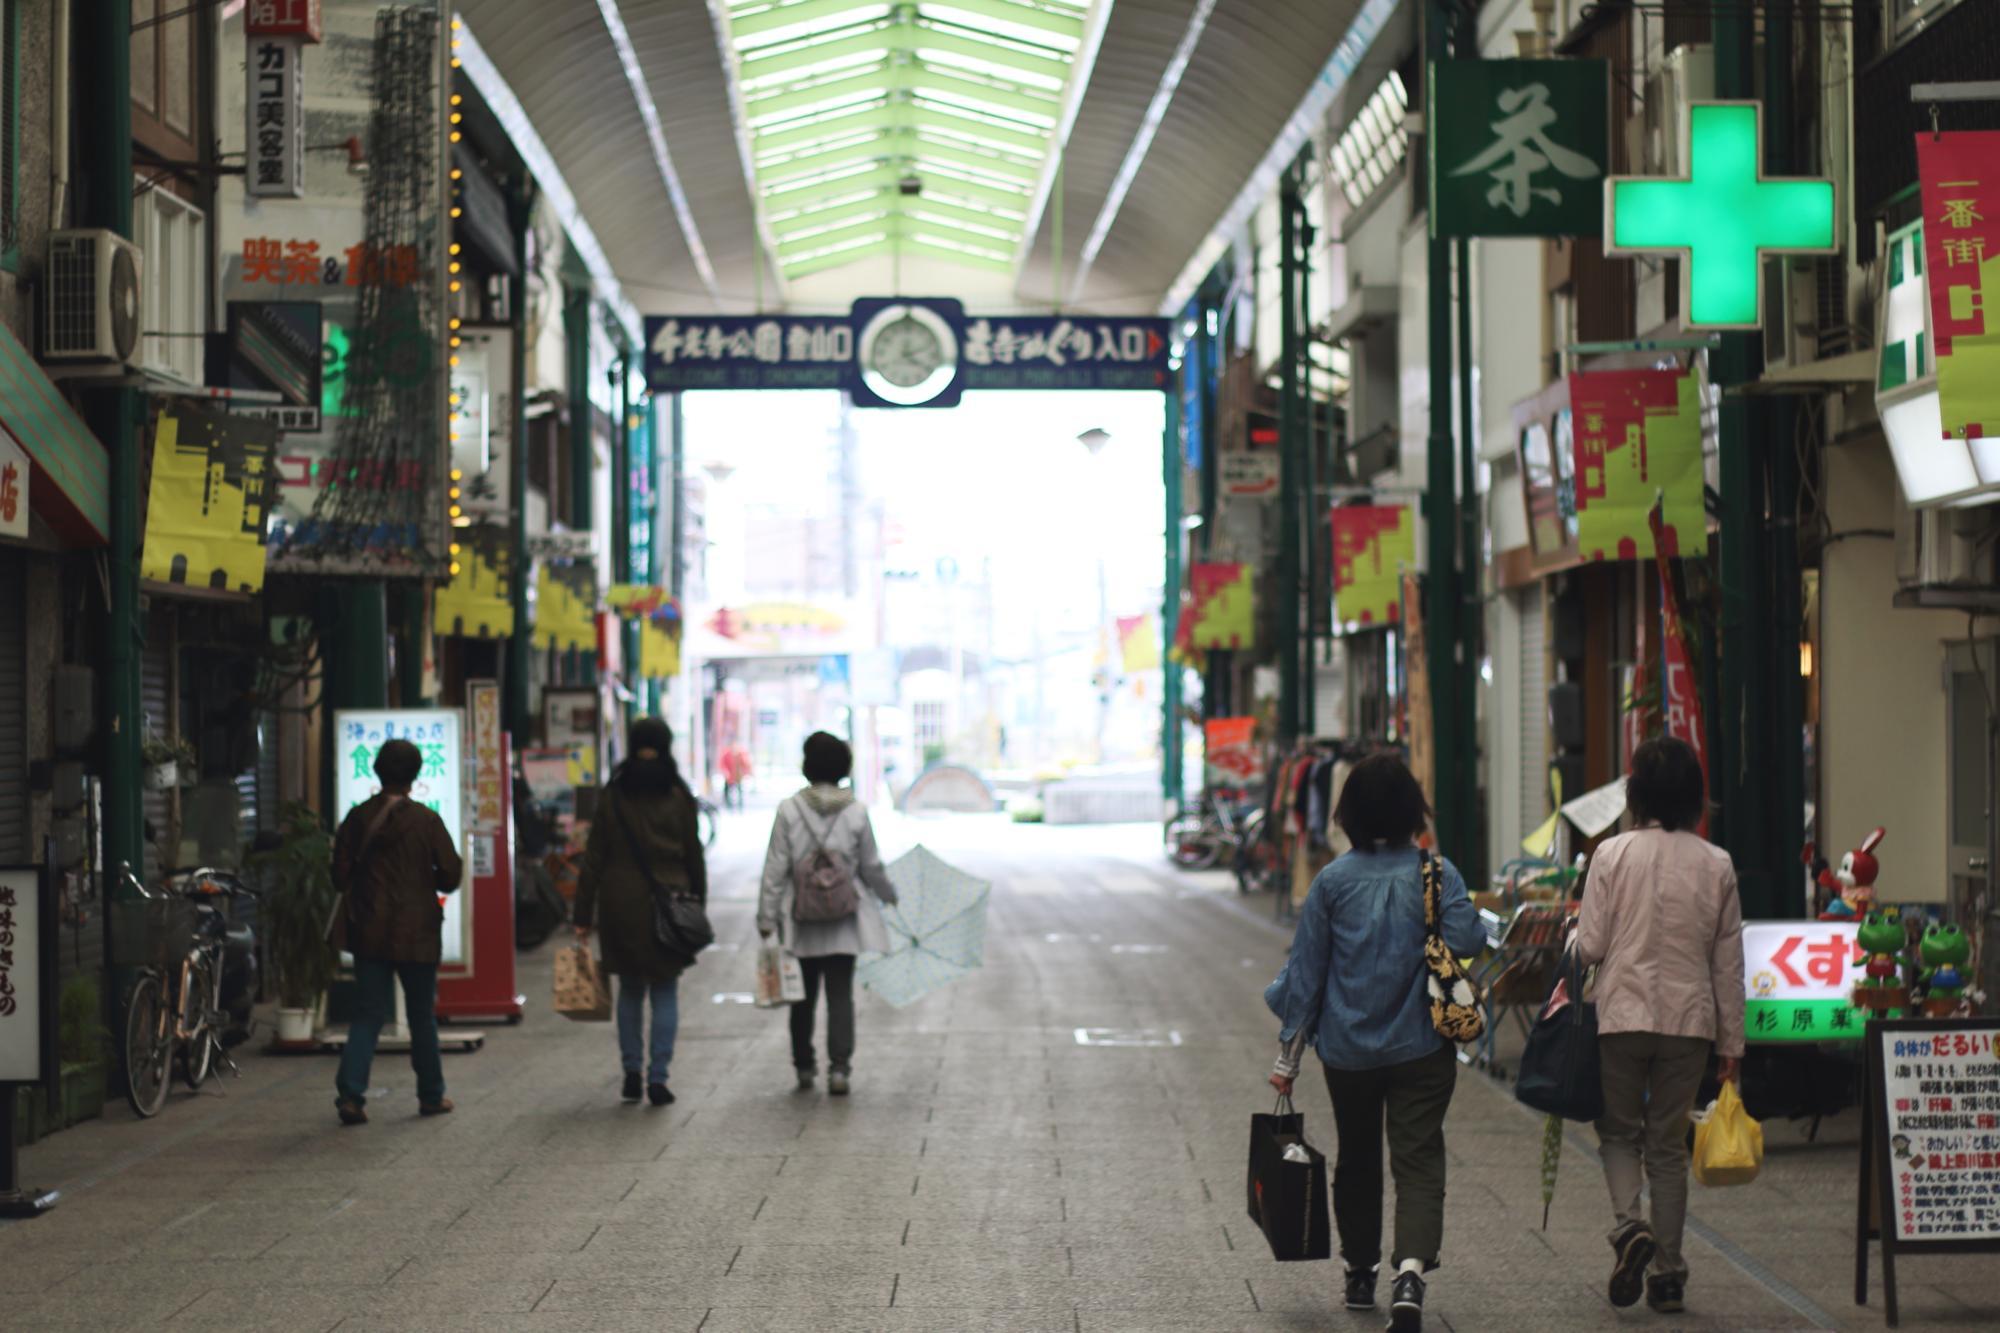 駅近くの商店街の様子。アーケードが続きます。